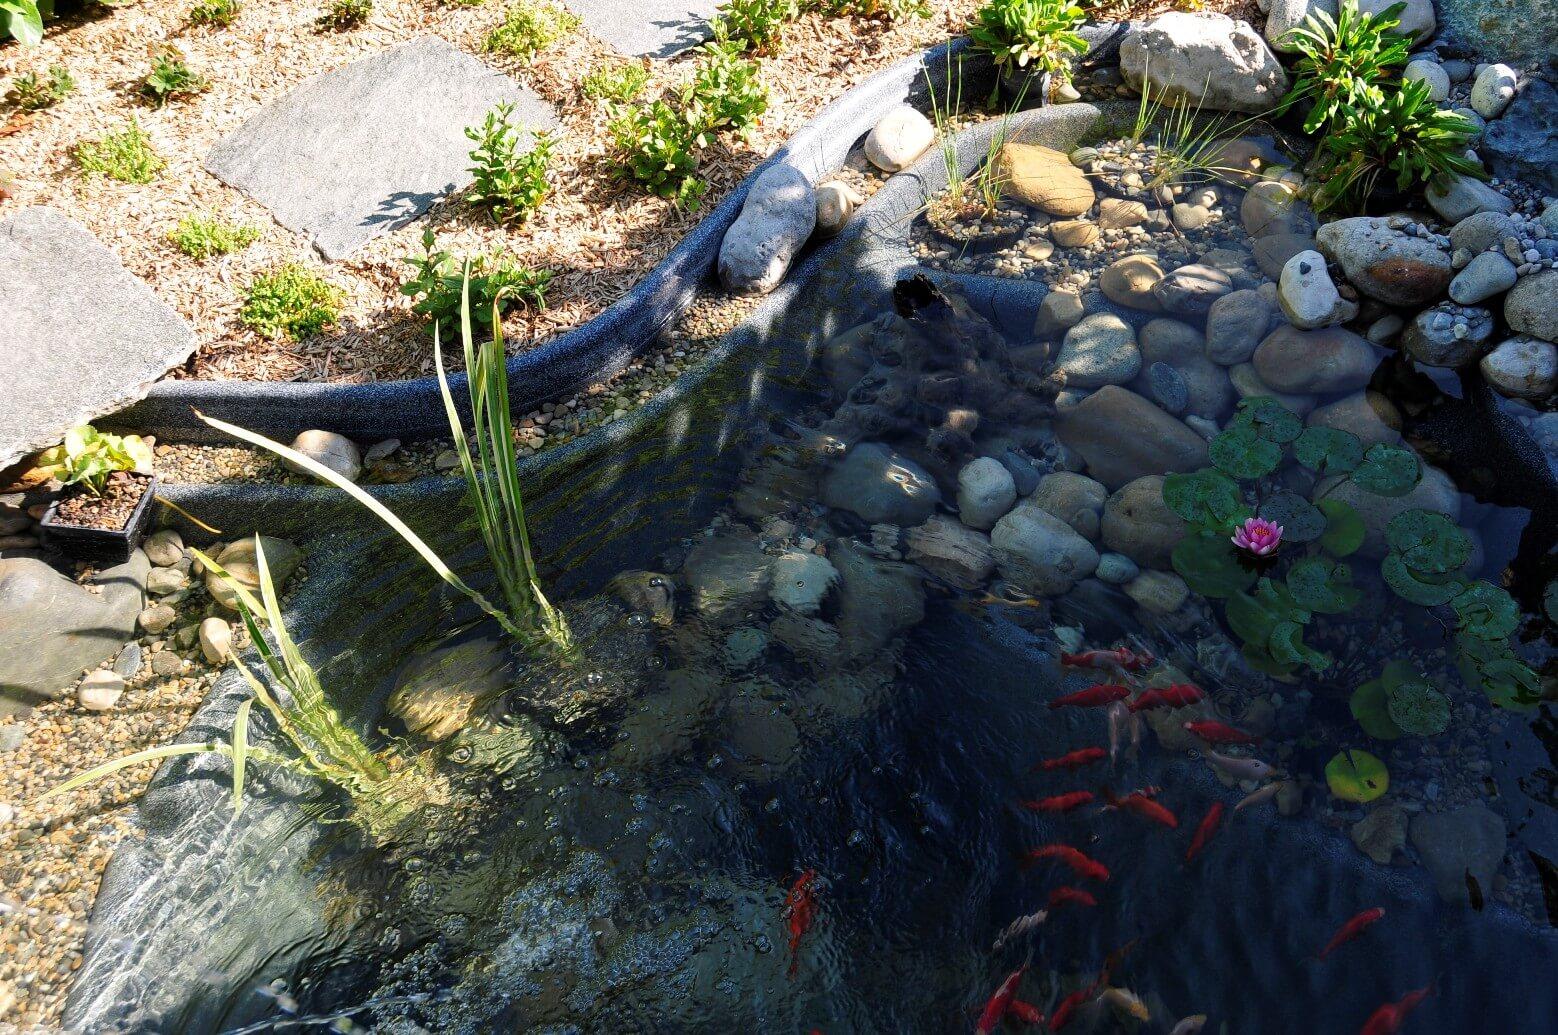 michael ellig étang bassin eau cours riviere paysagiste statues aellig paysages (9)